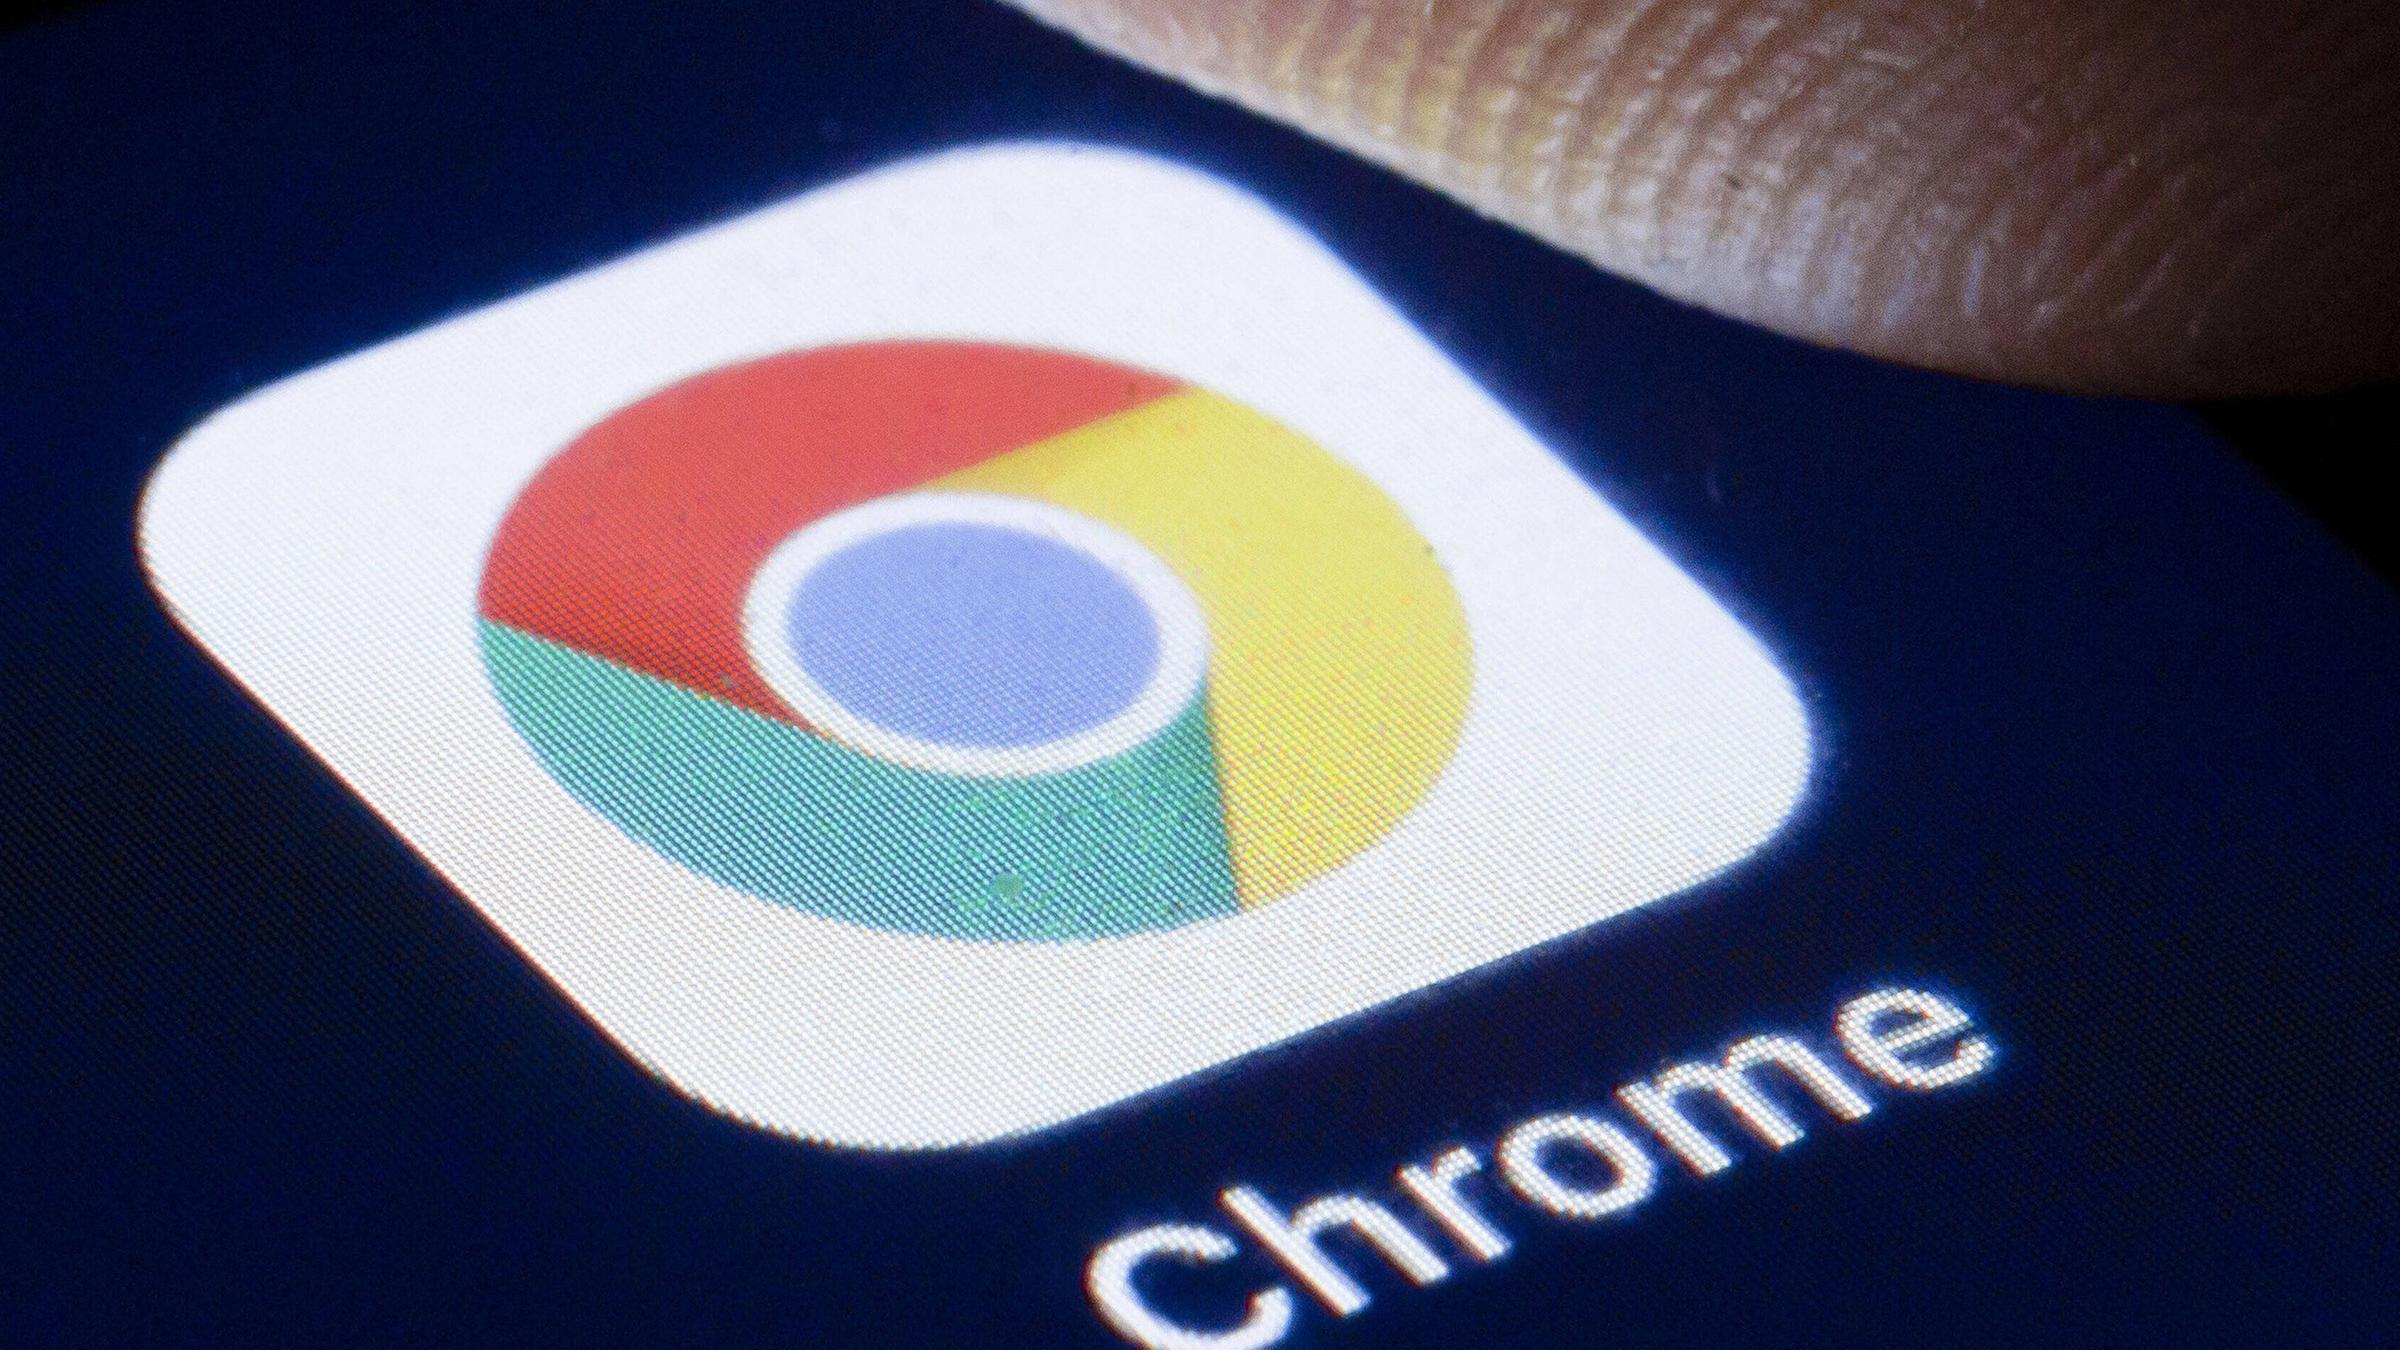 Cookies und Netzwerbung Google trackt jetzt effizienter   ZDFheute